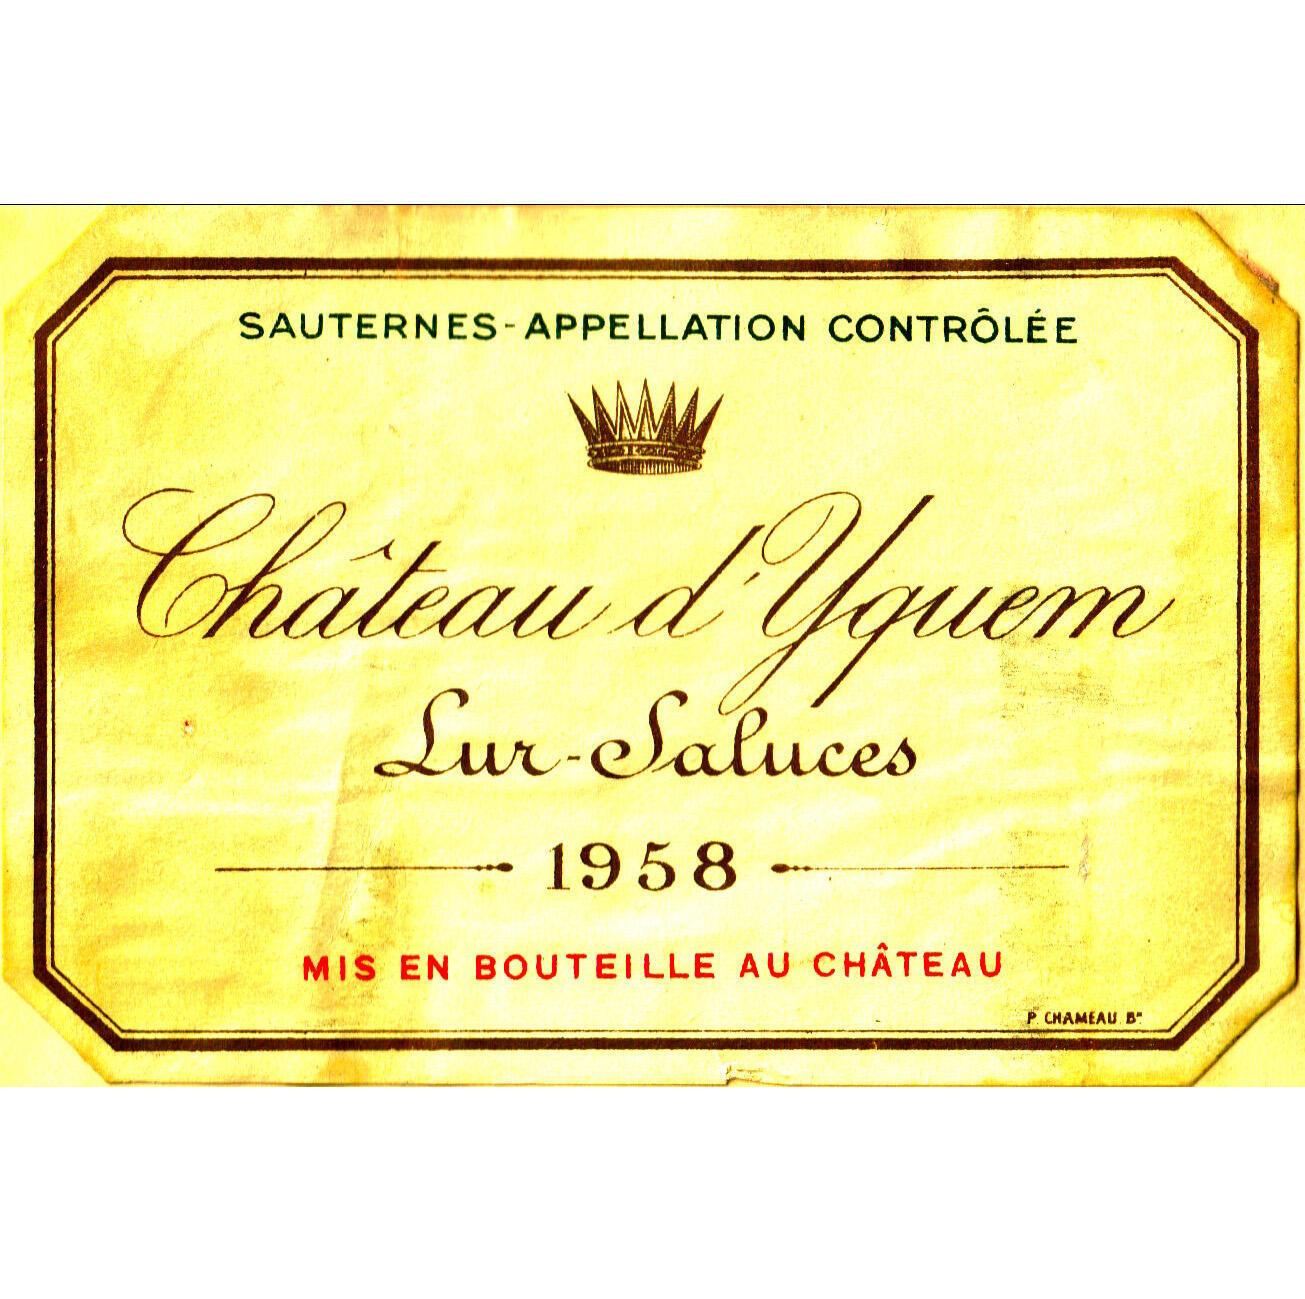 法國蘇玳酒的象徵——滴金酒莊1958年出品的酒瓶標籤。